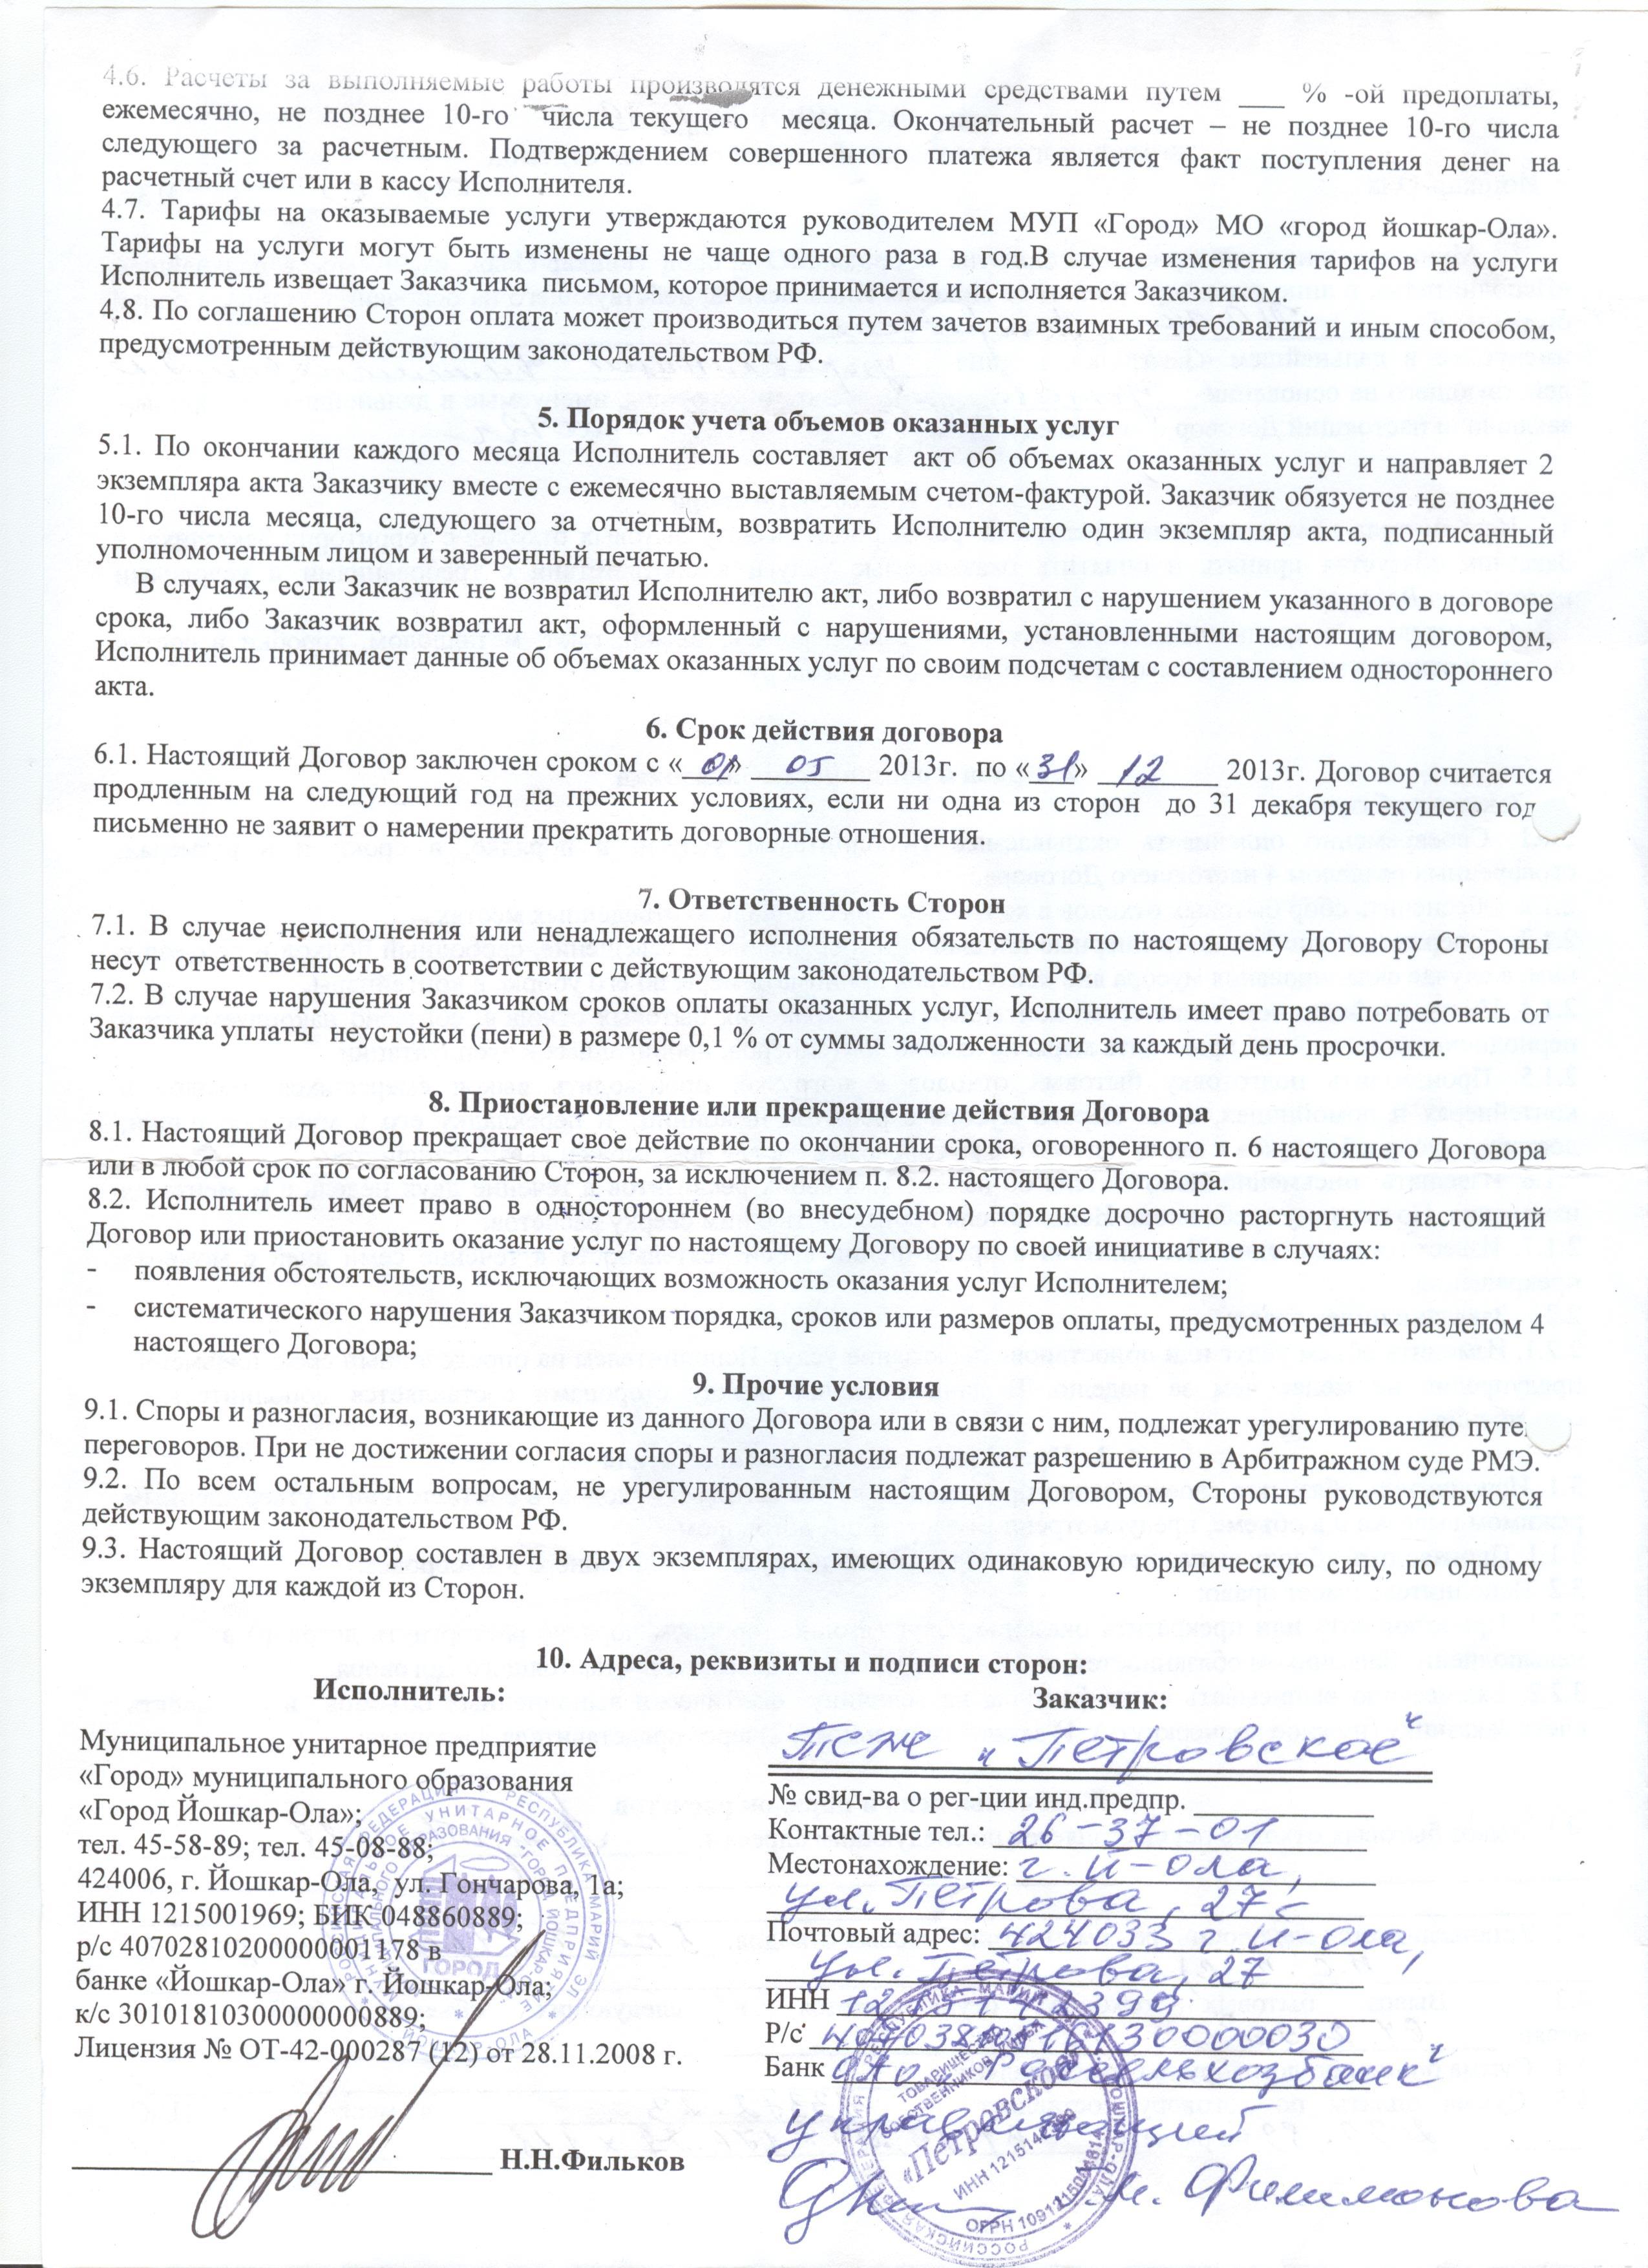 Как сделать соглашение о зачете взаимных требований